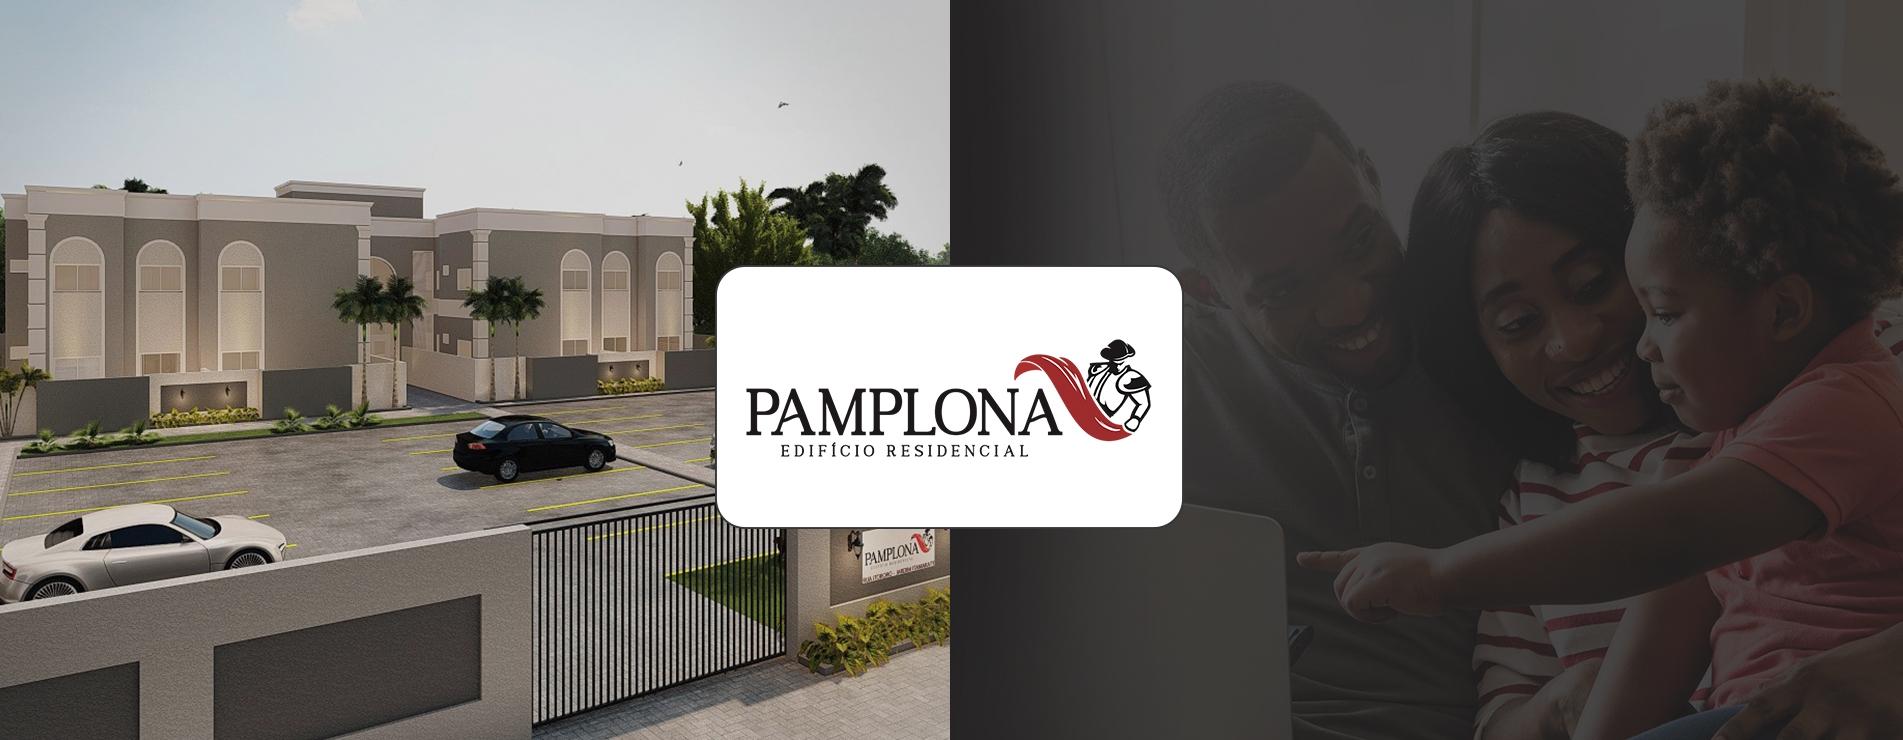 PAMPLONA | Edifício Residencial